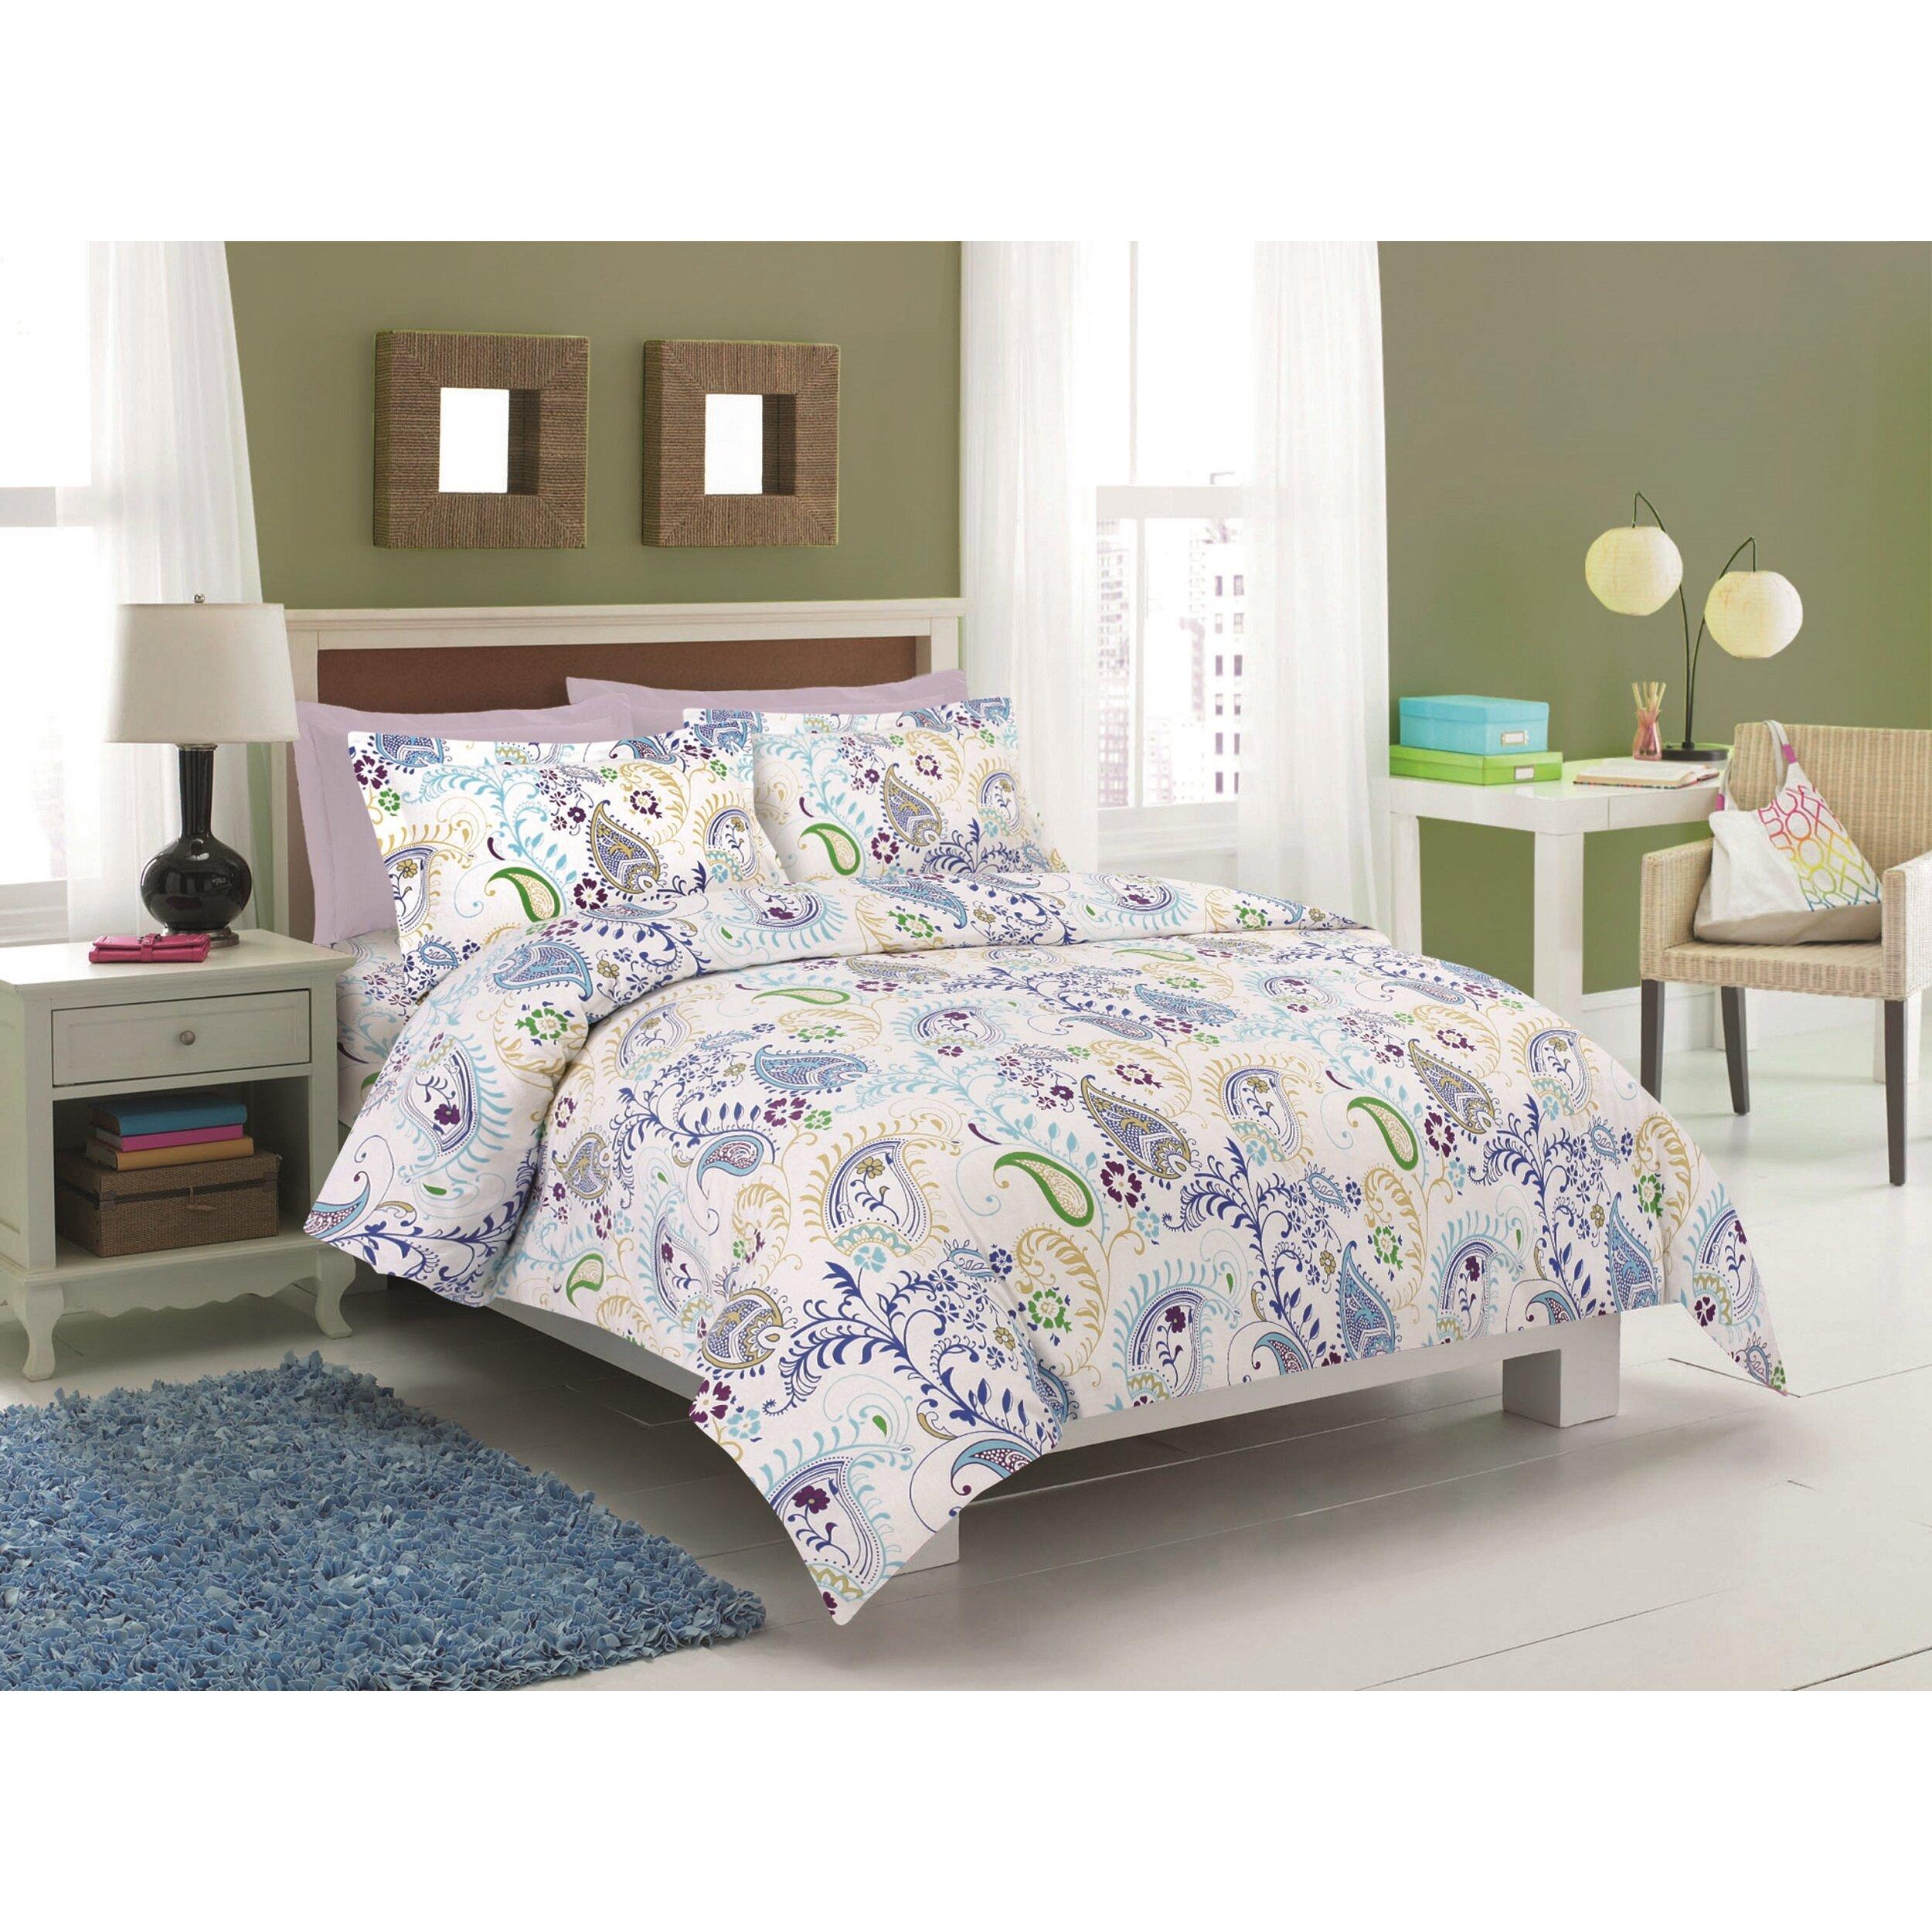 Tribeca living 3 piece duvet set reviews wayfair for Living room quilt cover